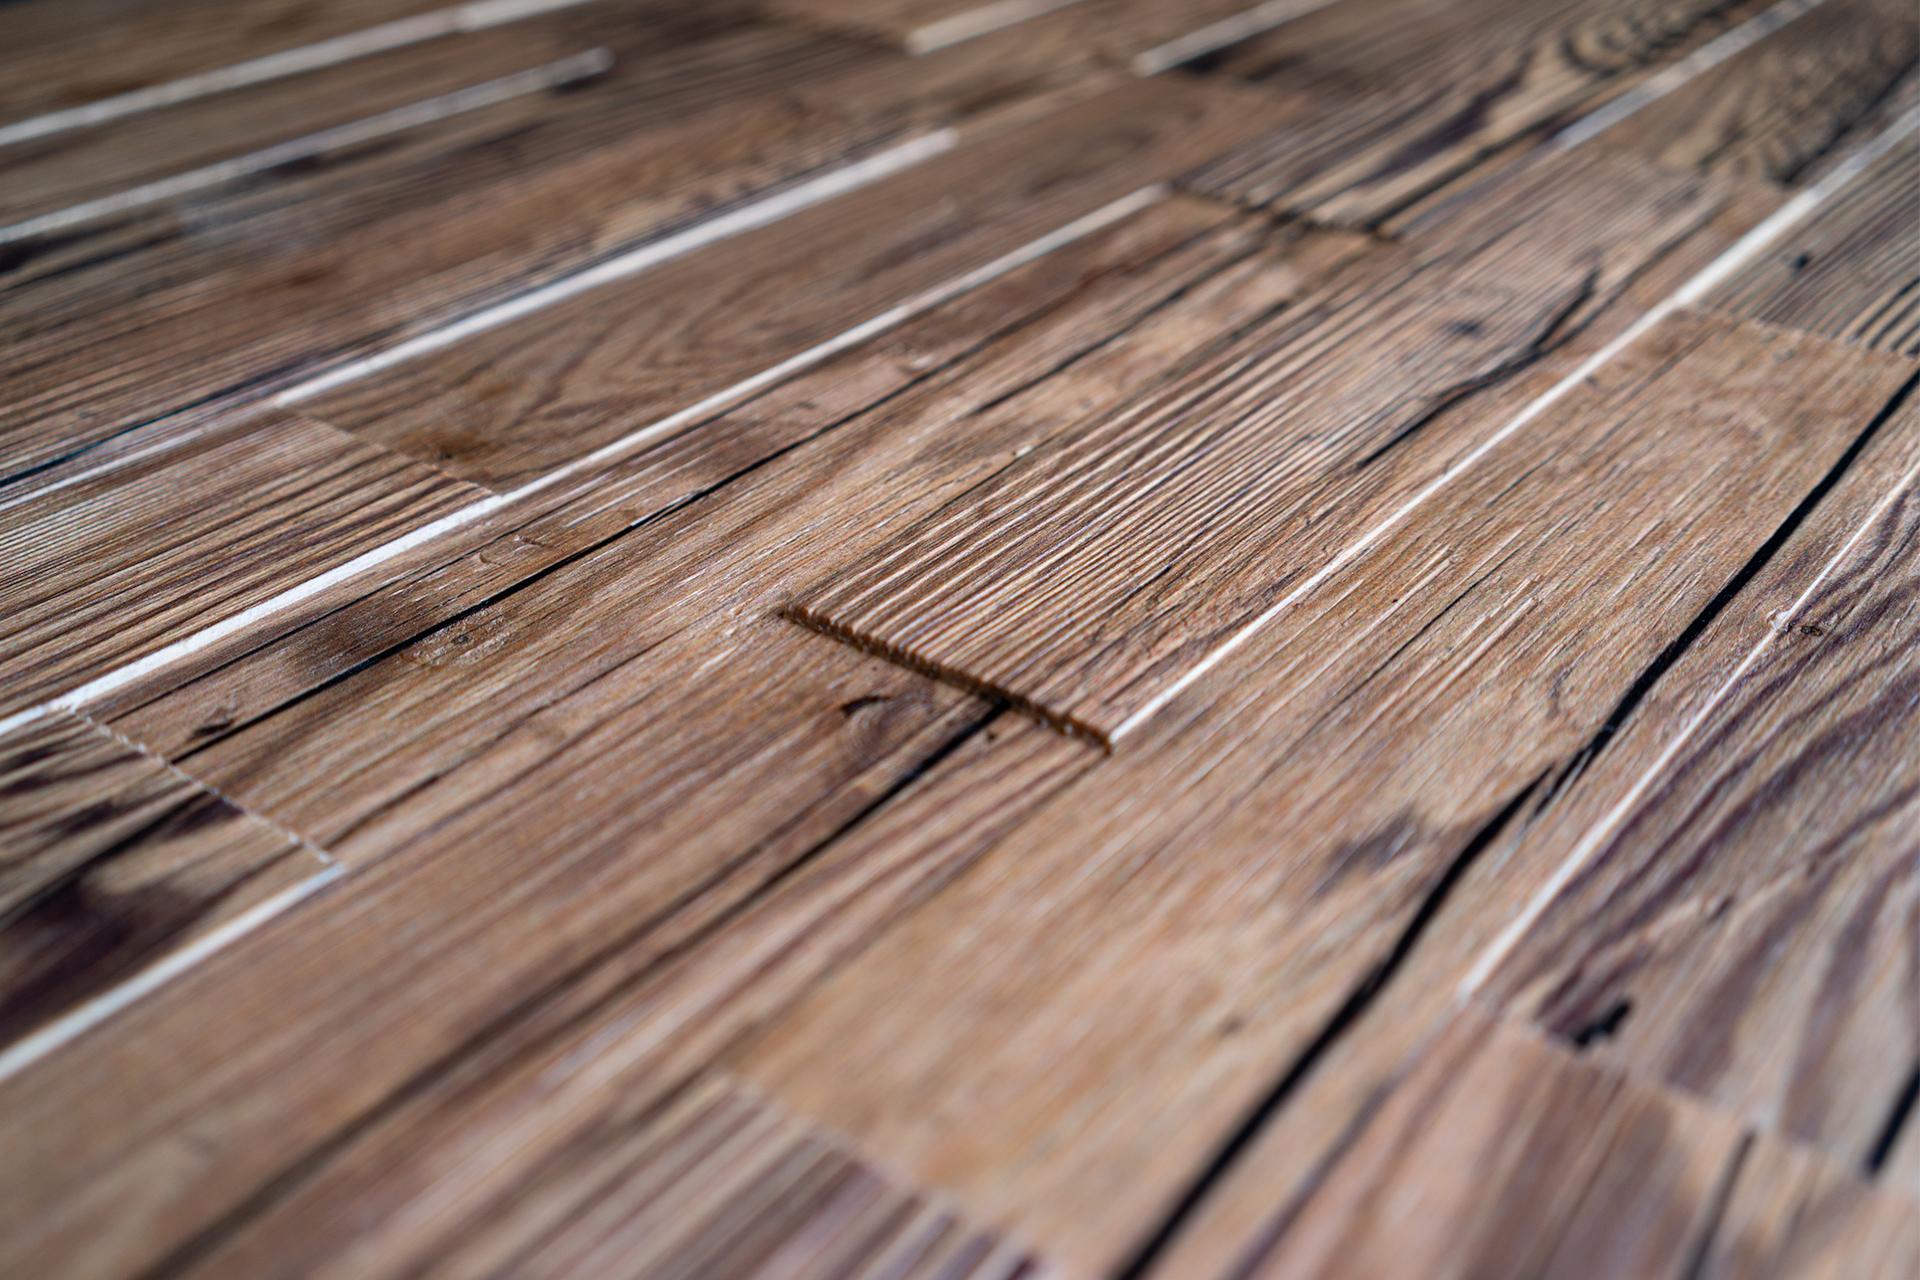 Spaltholz Oberfläche